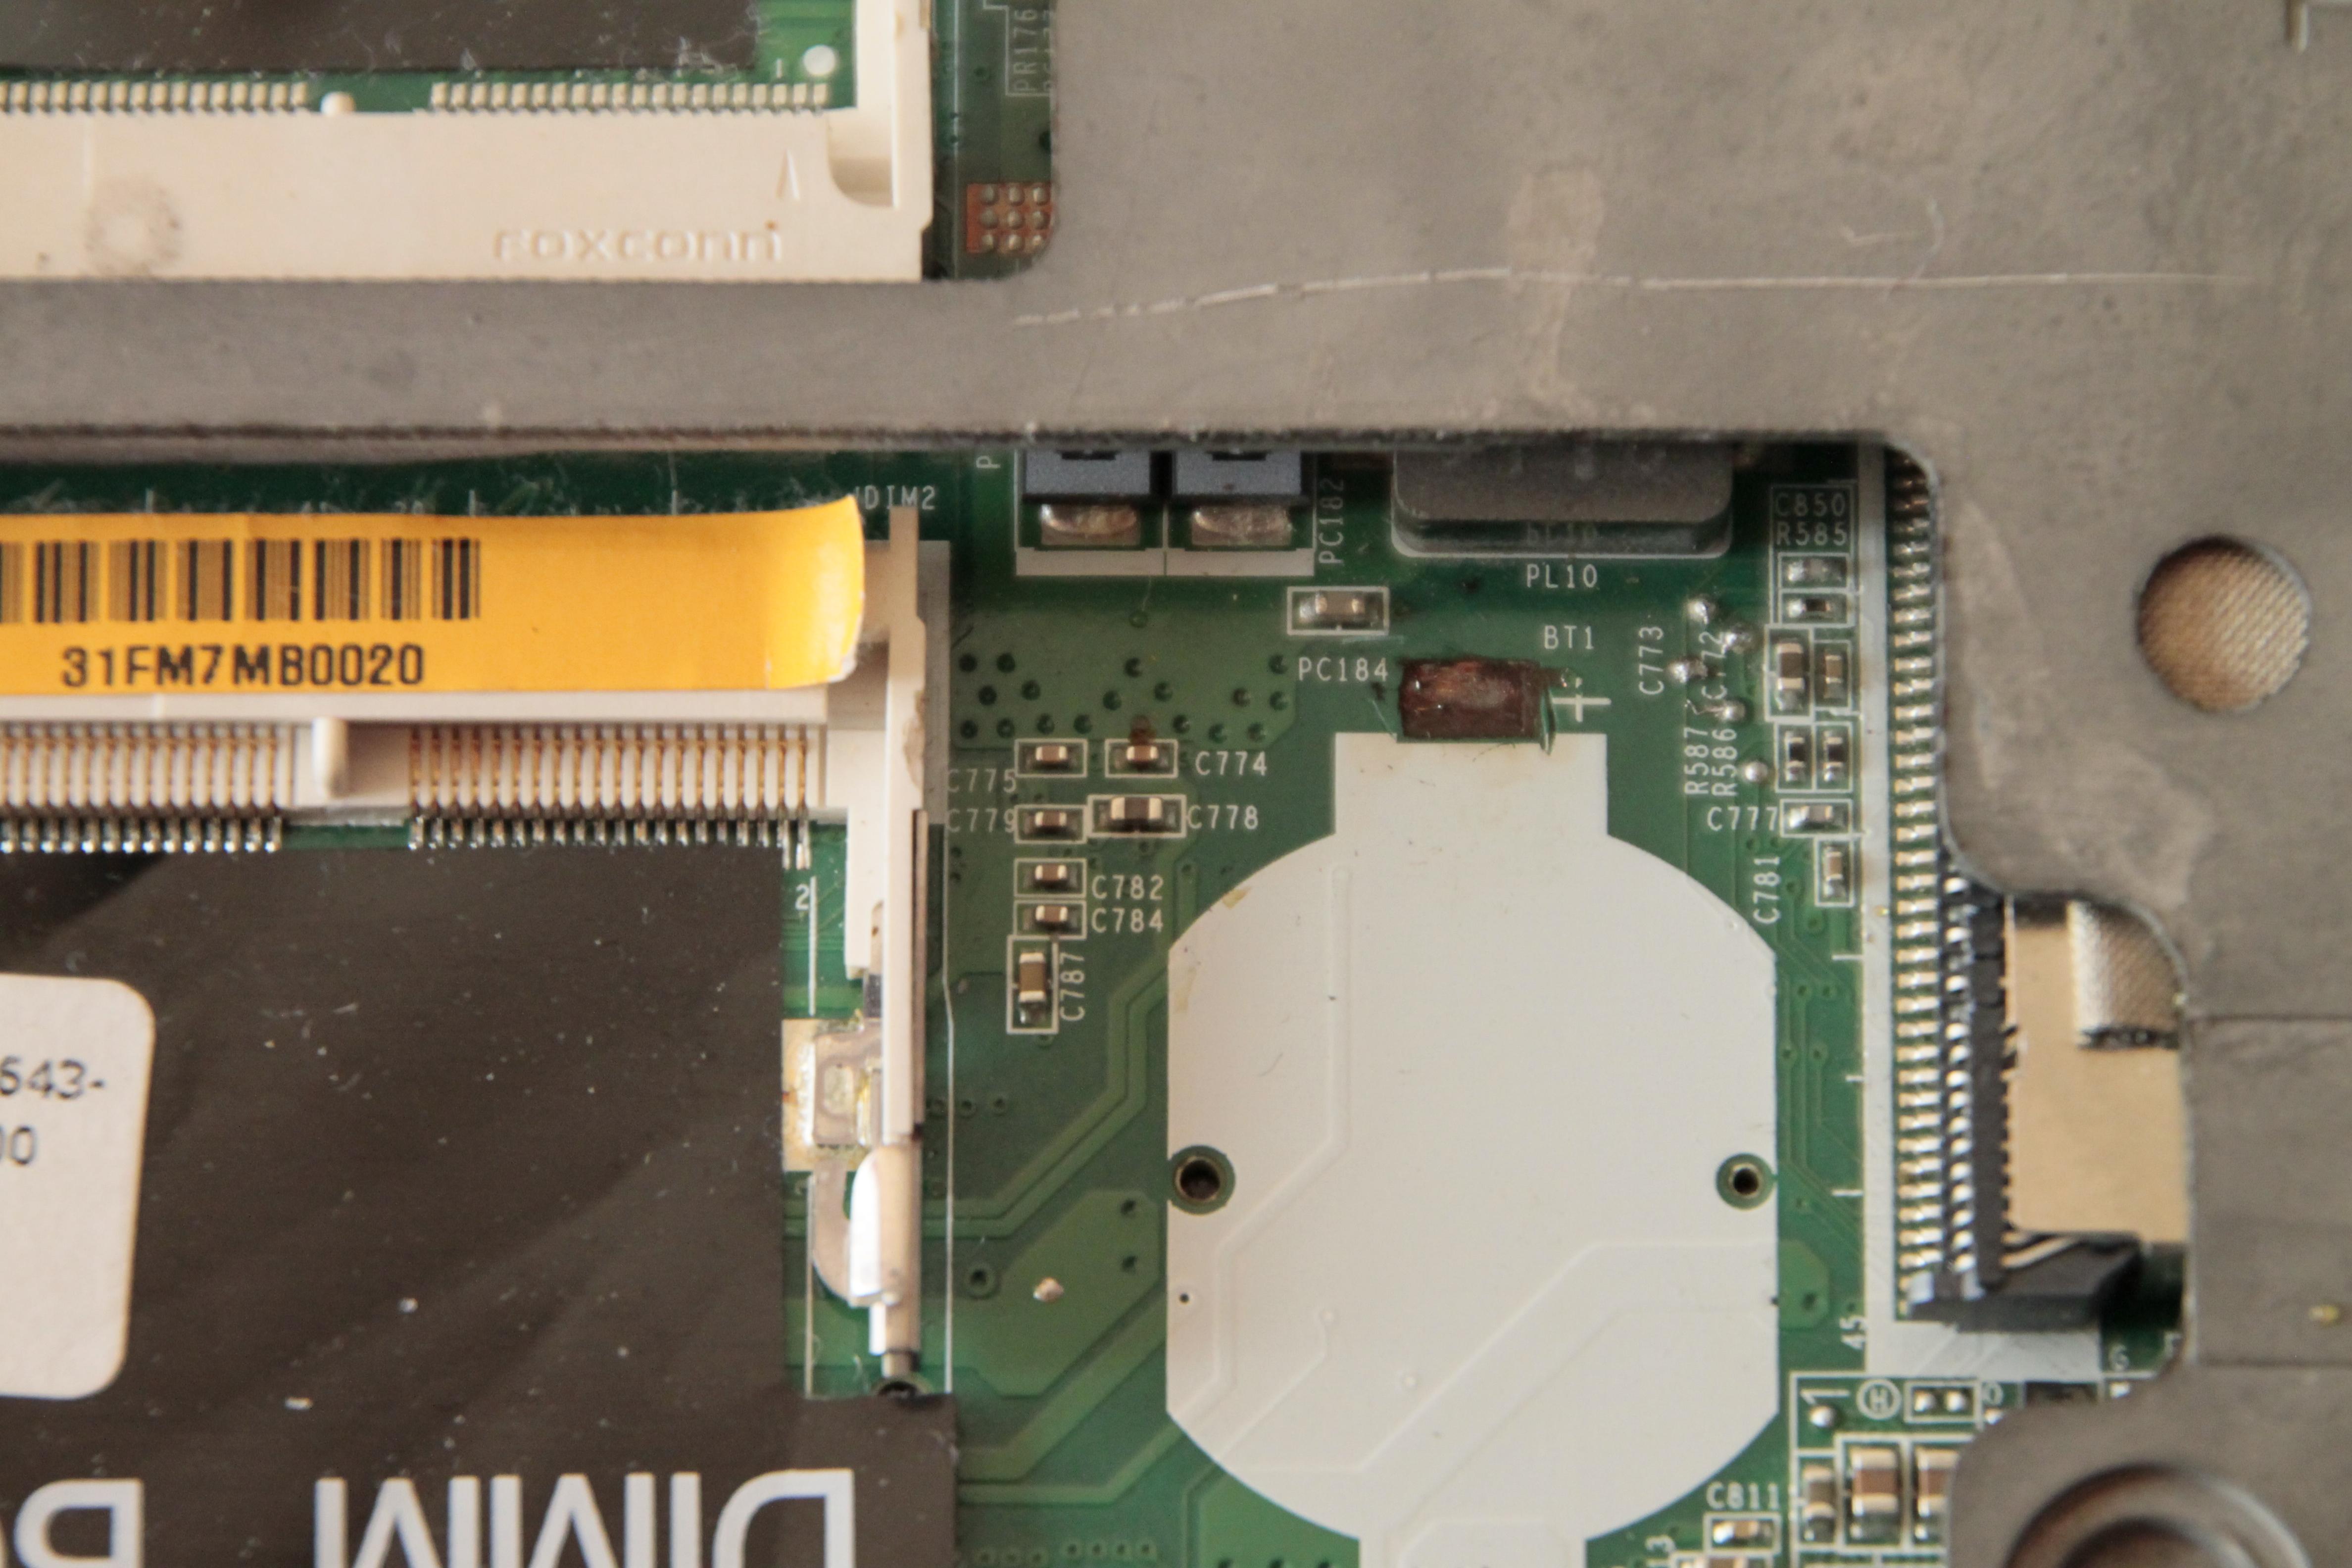 BIOS  Dell 1537  -wyrwana sciezka z plytki-nie moge odnalezc 2 konca